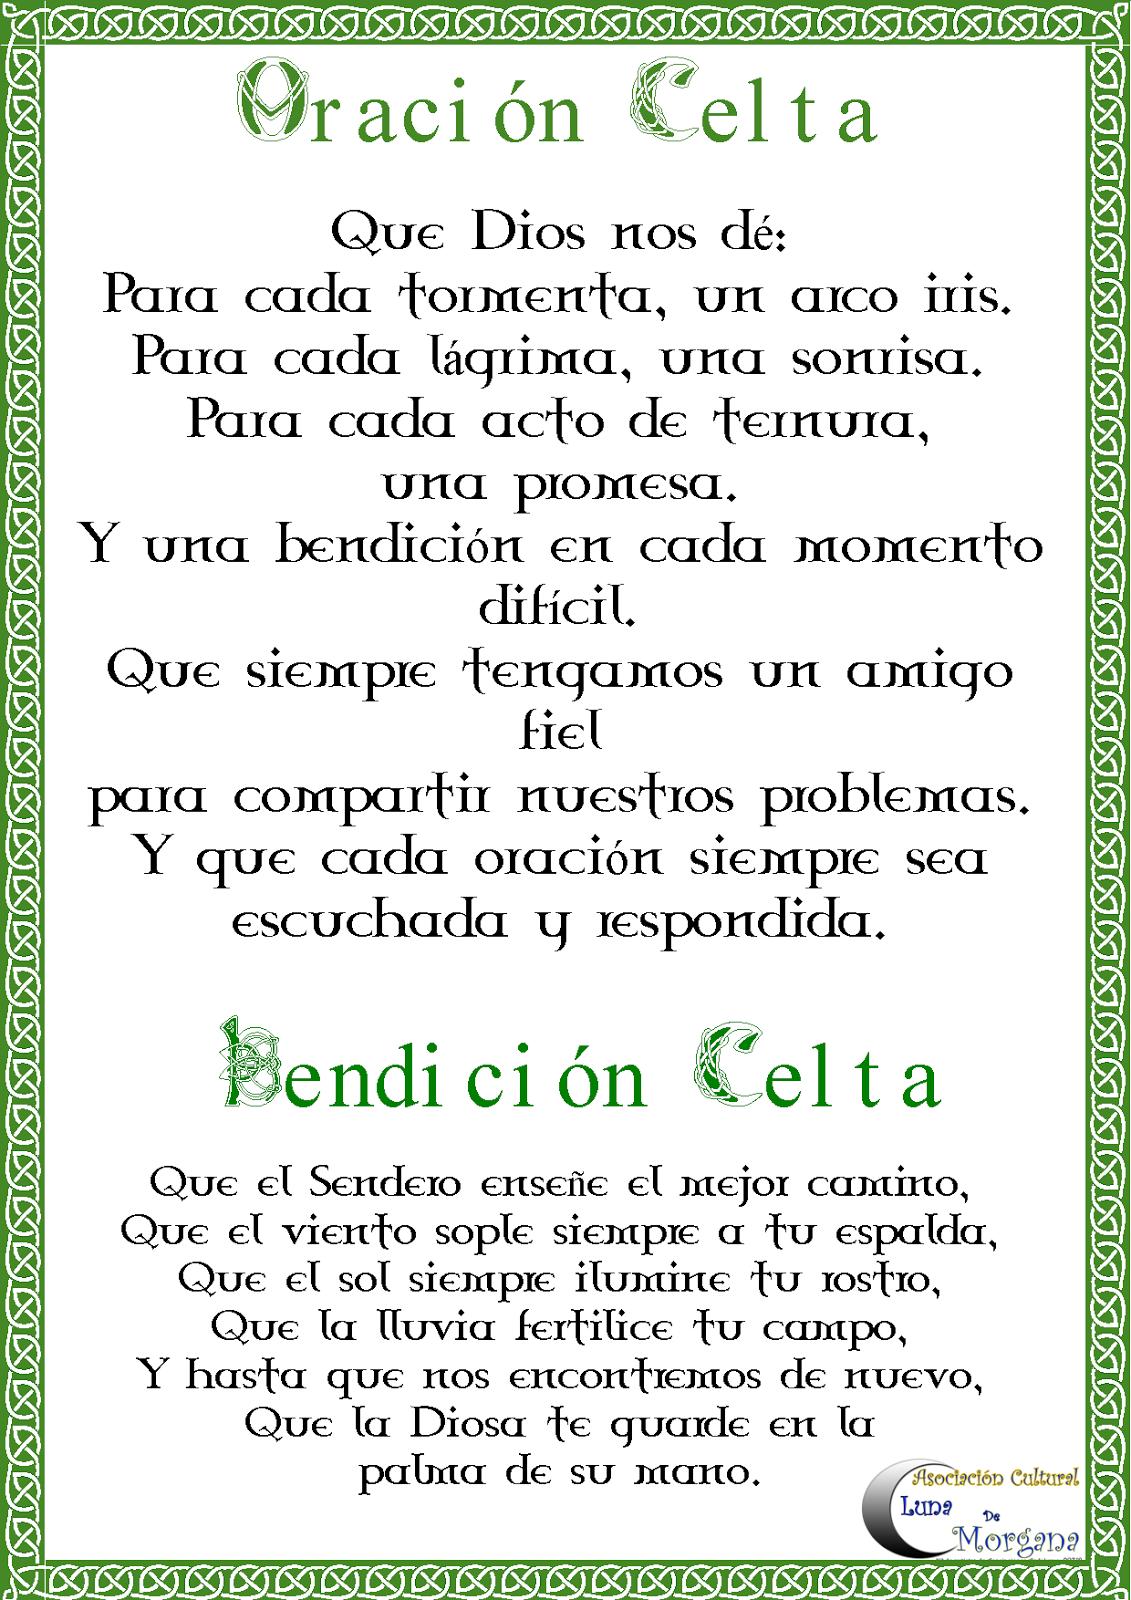 Bendicion Celta Oraciones Libro De Las Sombras Y Celta